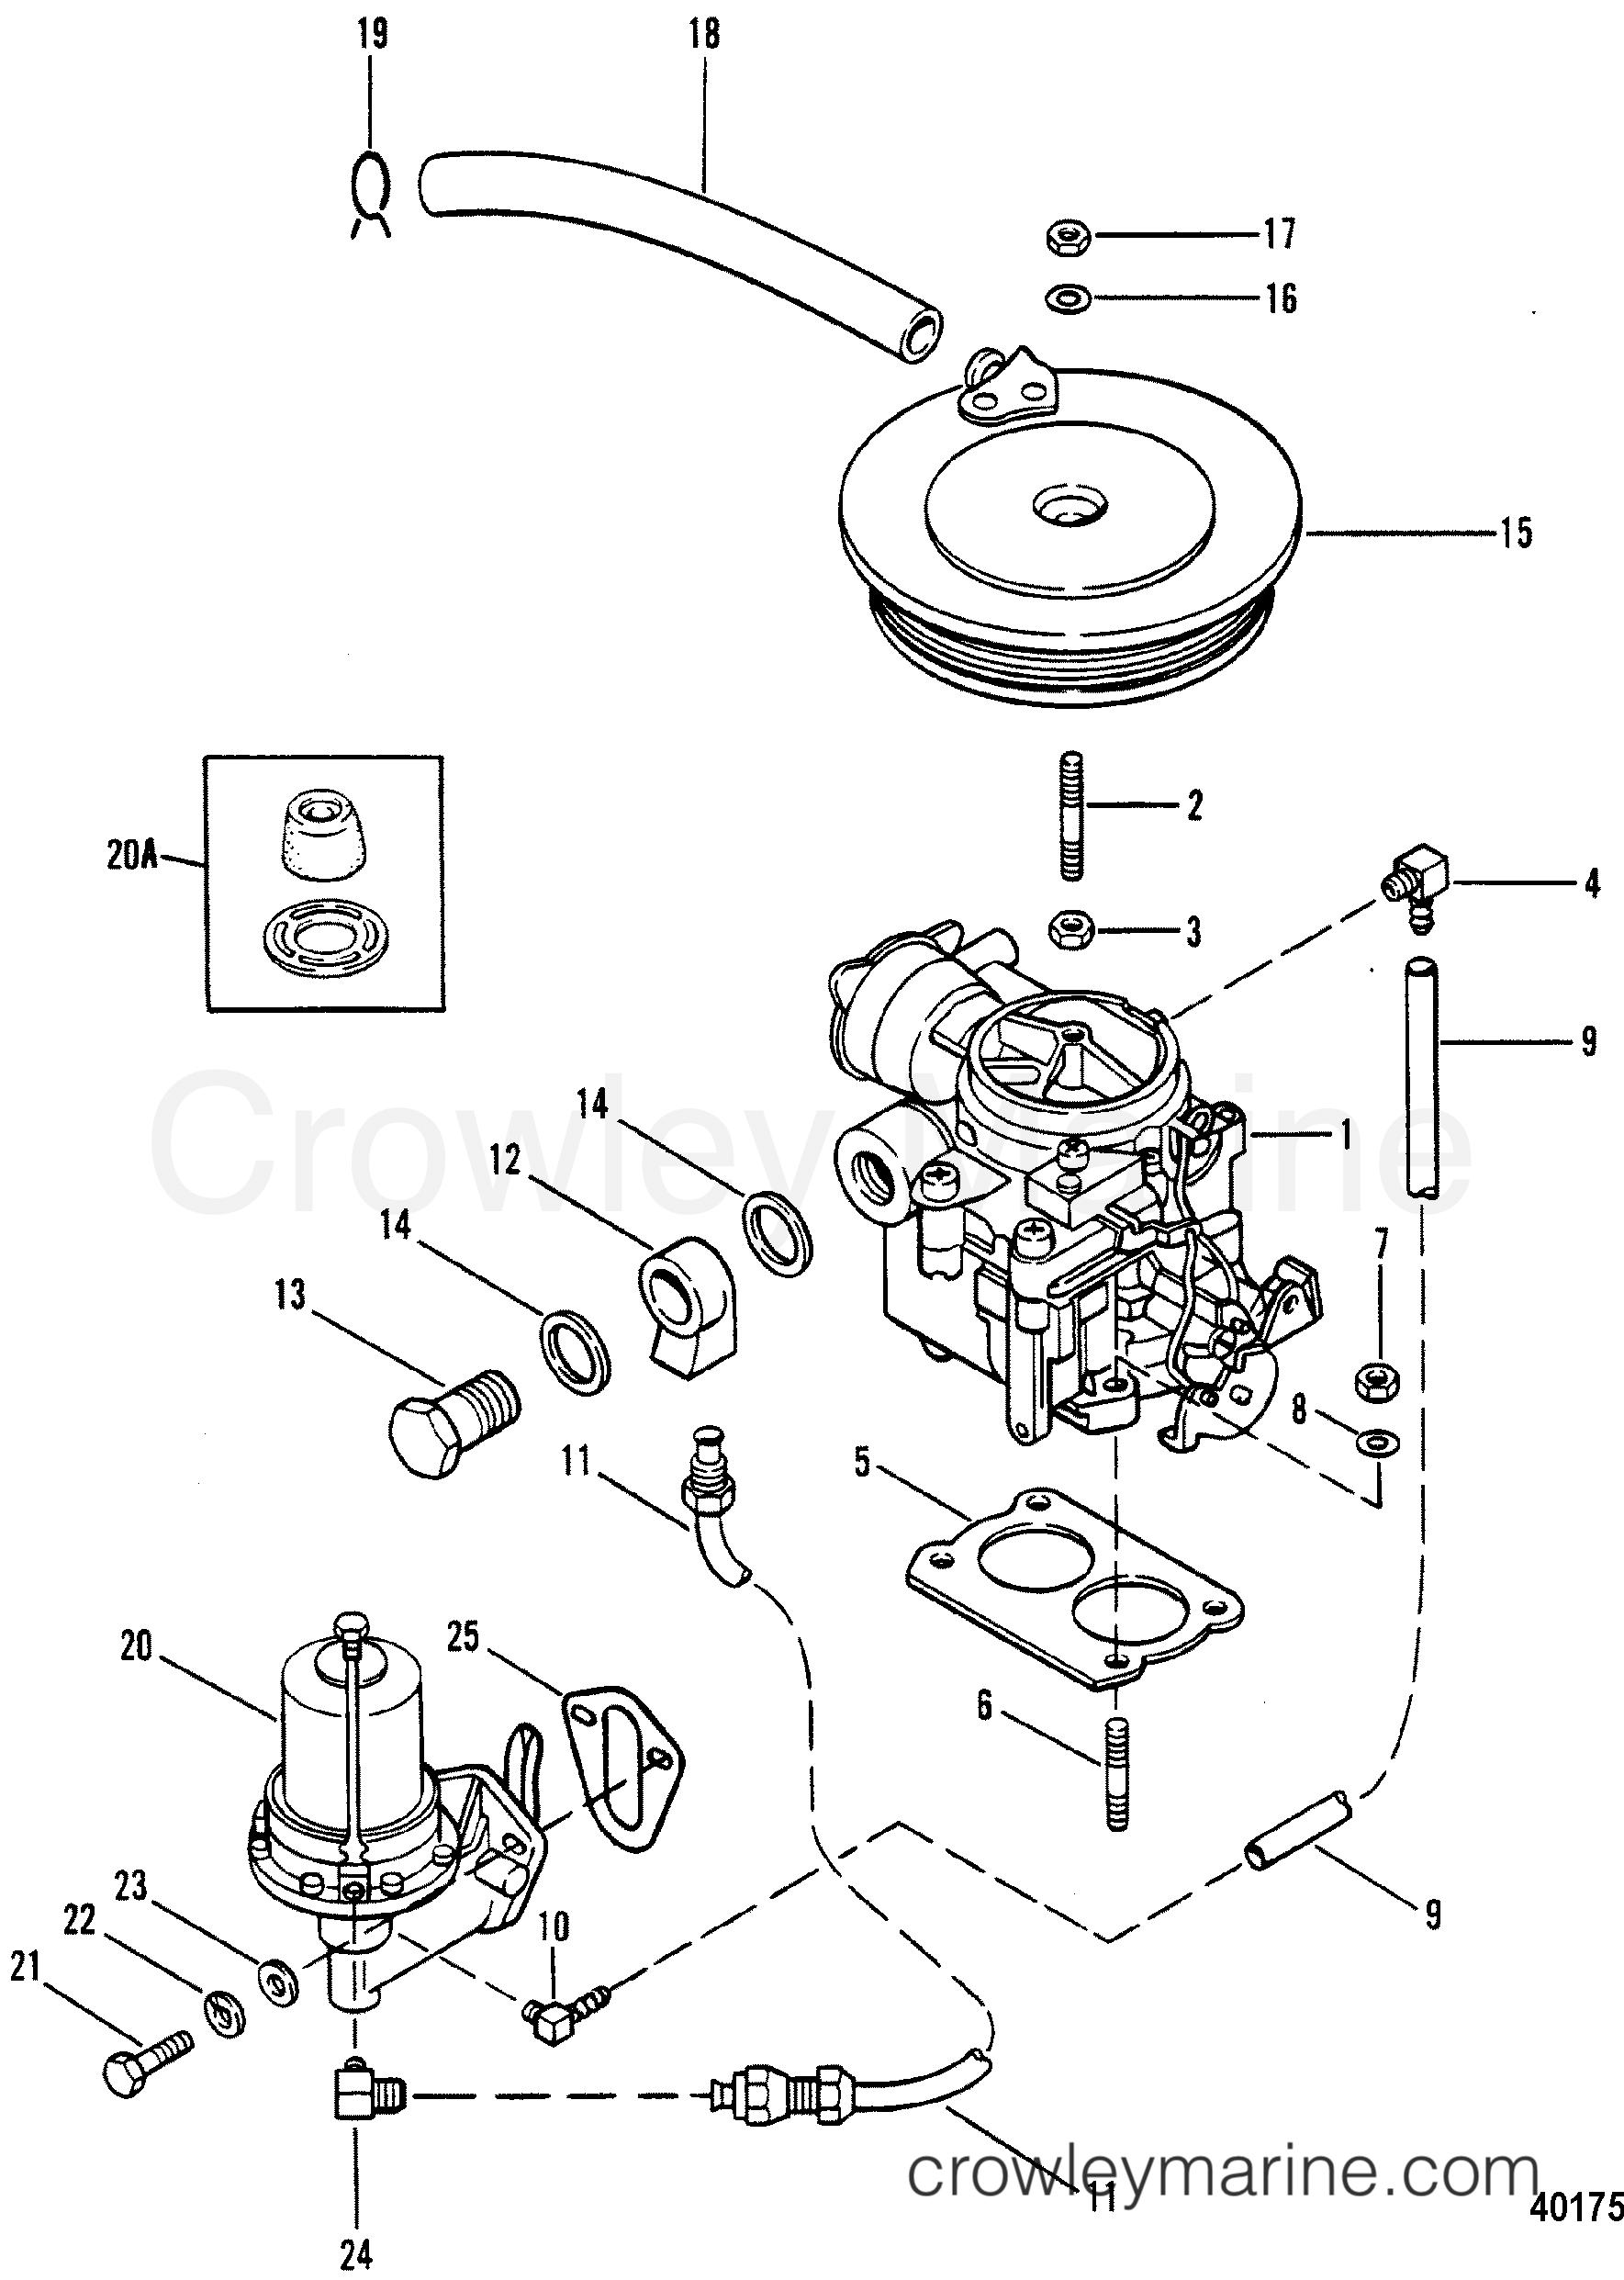 Boat Wiring Diagram For Cobra